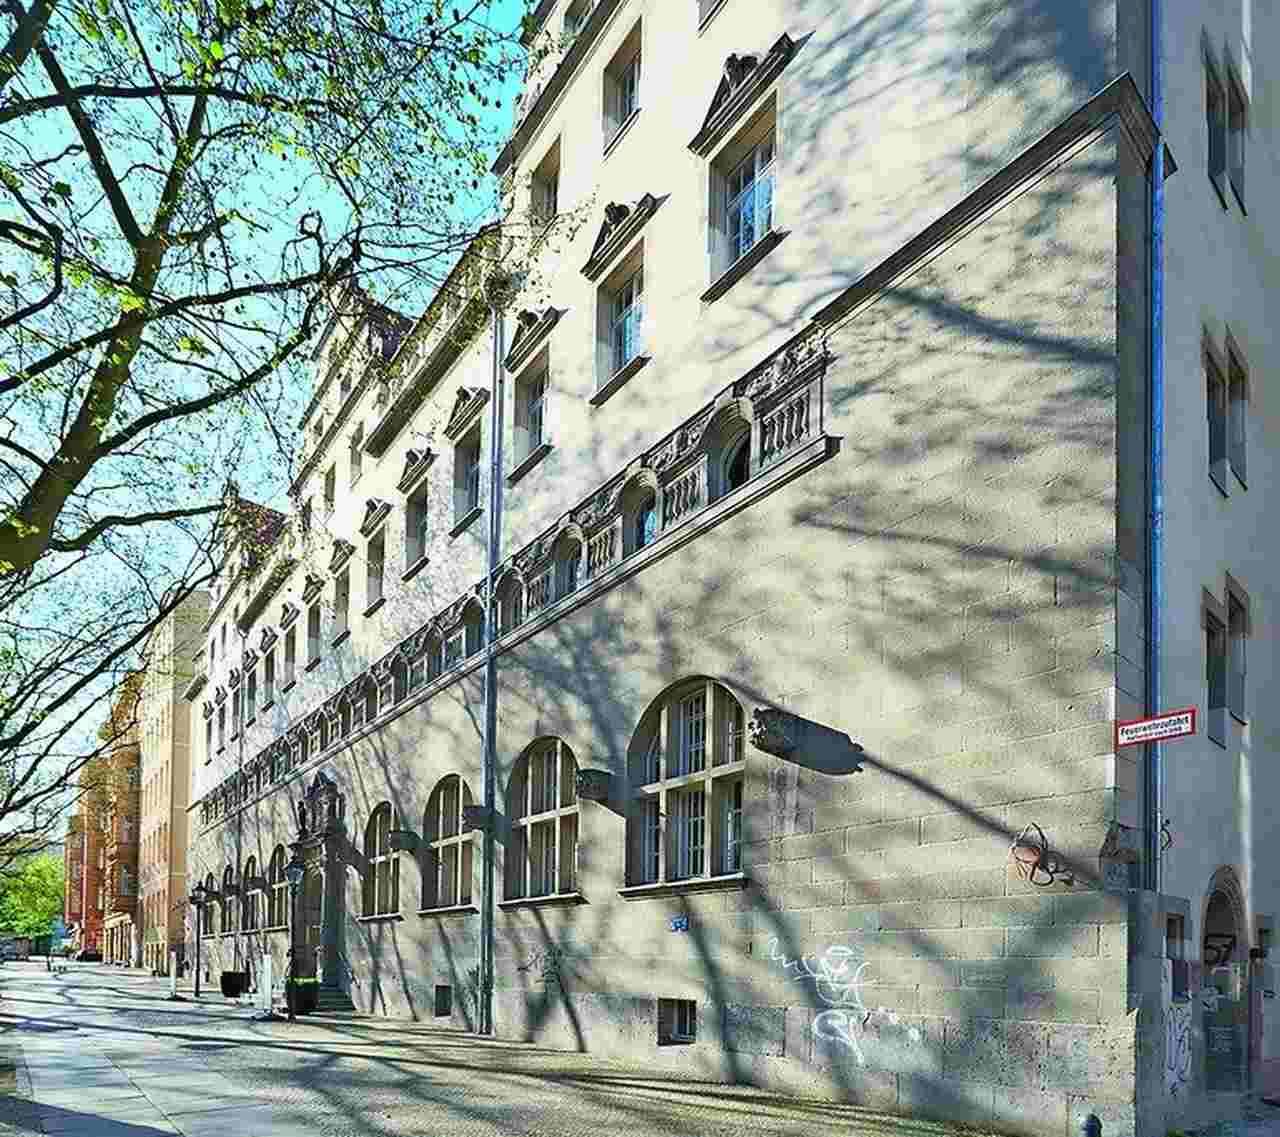 Möglichst originalgetreu saniert wurde das Stadtbad an der Oderberger Straße: ein repräsentativer Bau im Stil der deutschen Neorenaissance.